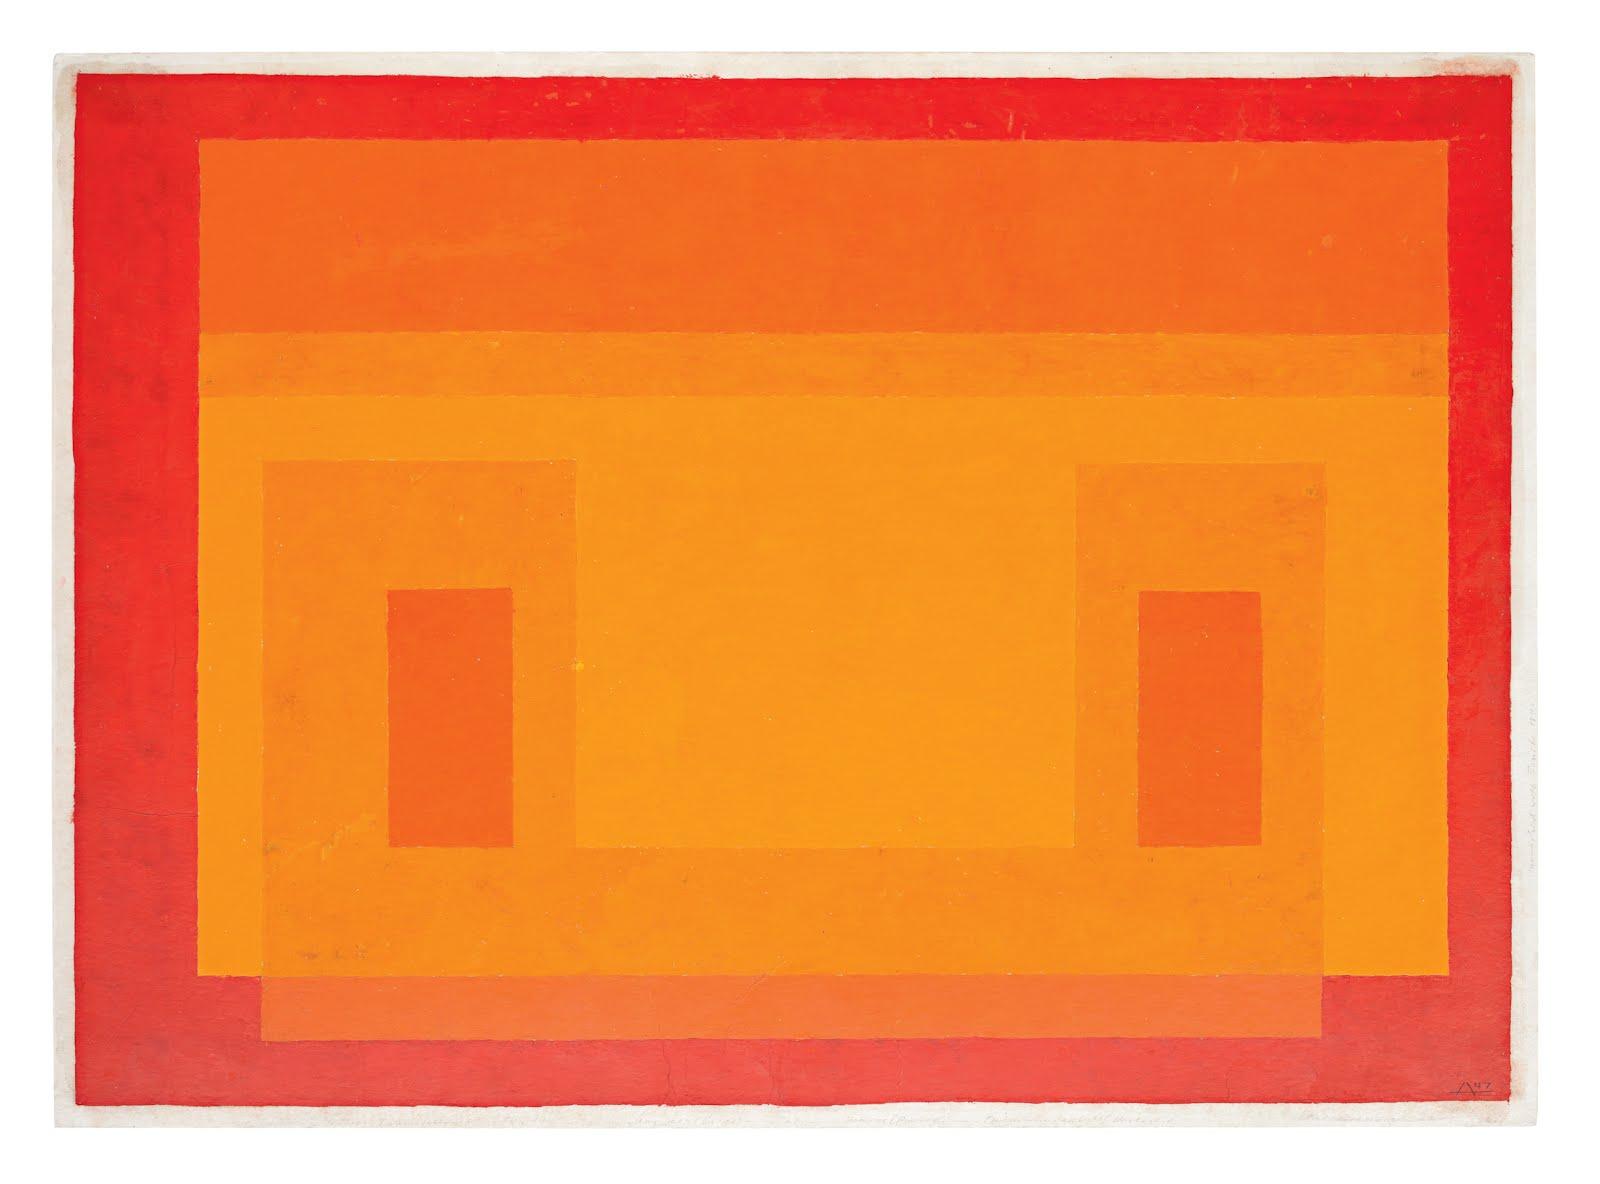 NÖ Waldviertel Galerie Kunst - Josef Albers